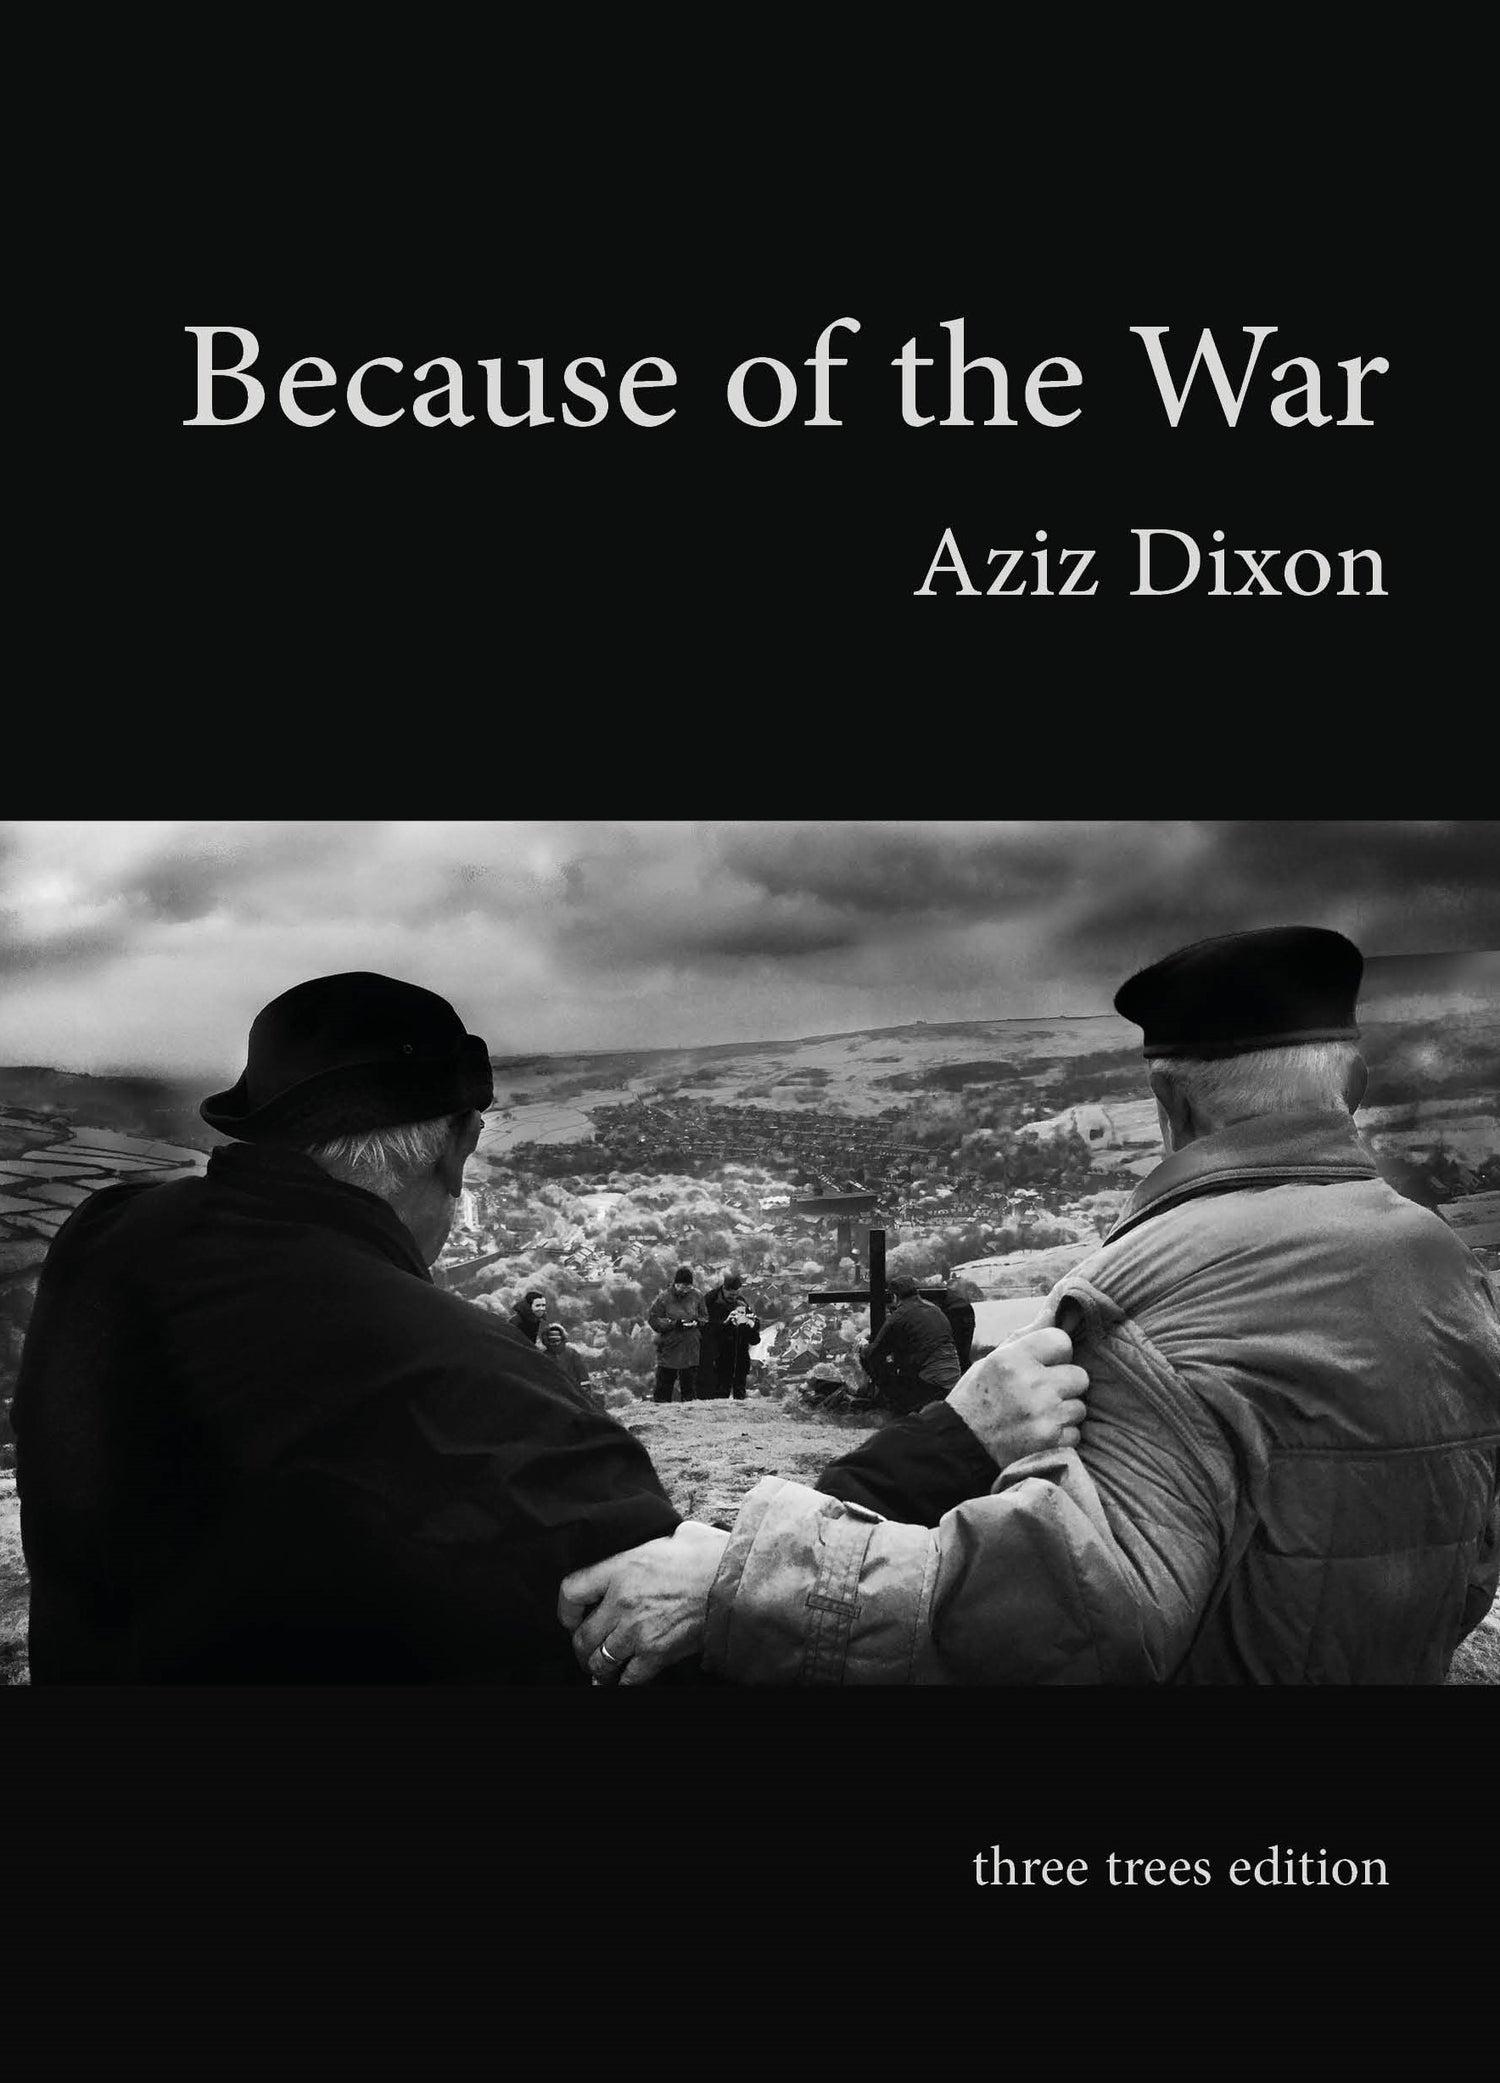 Aziz Dixon, rural poet